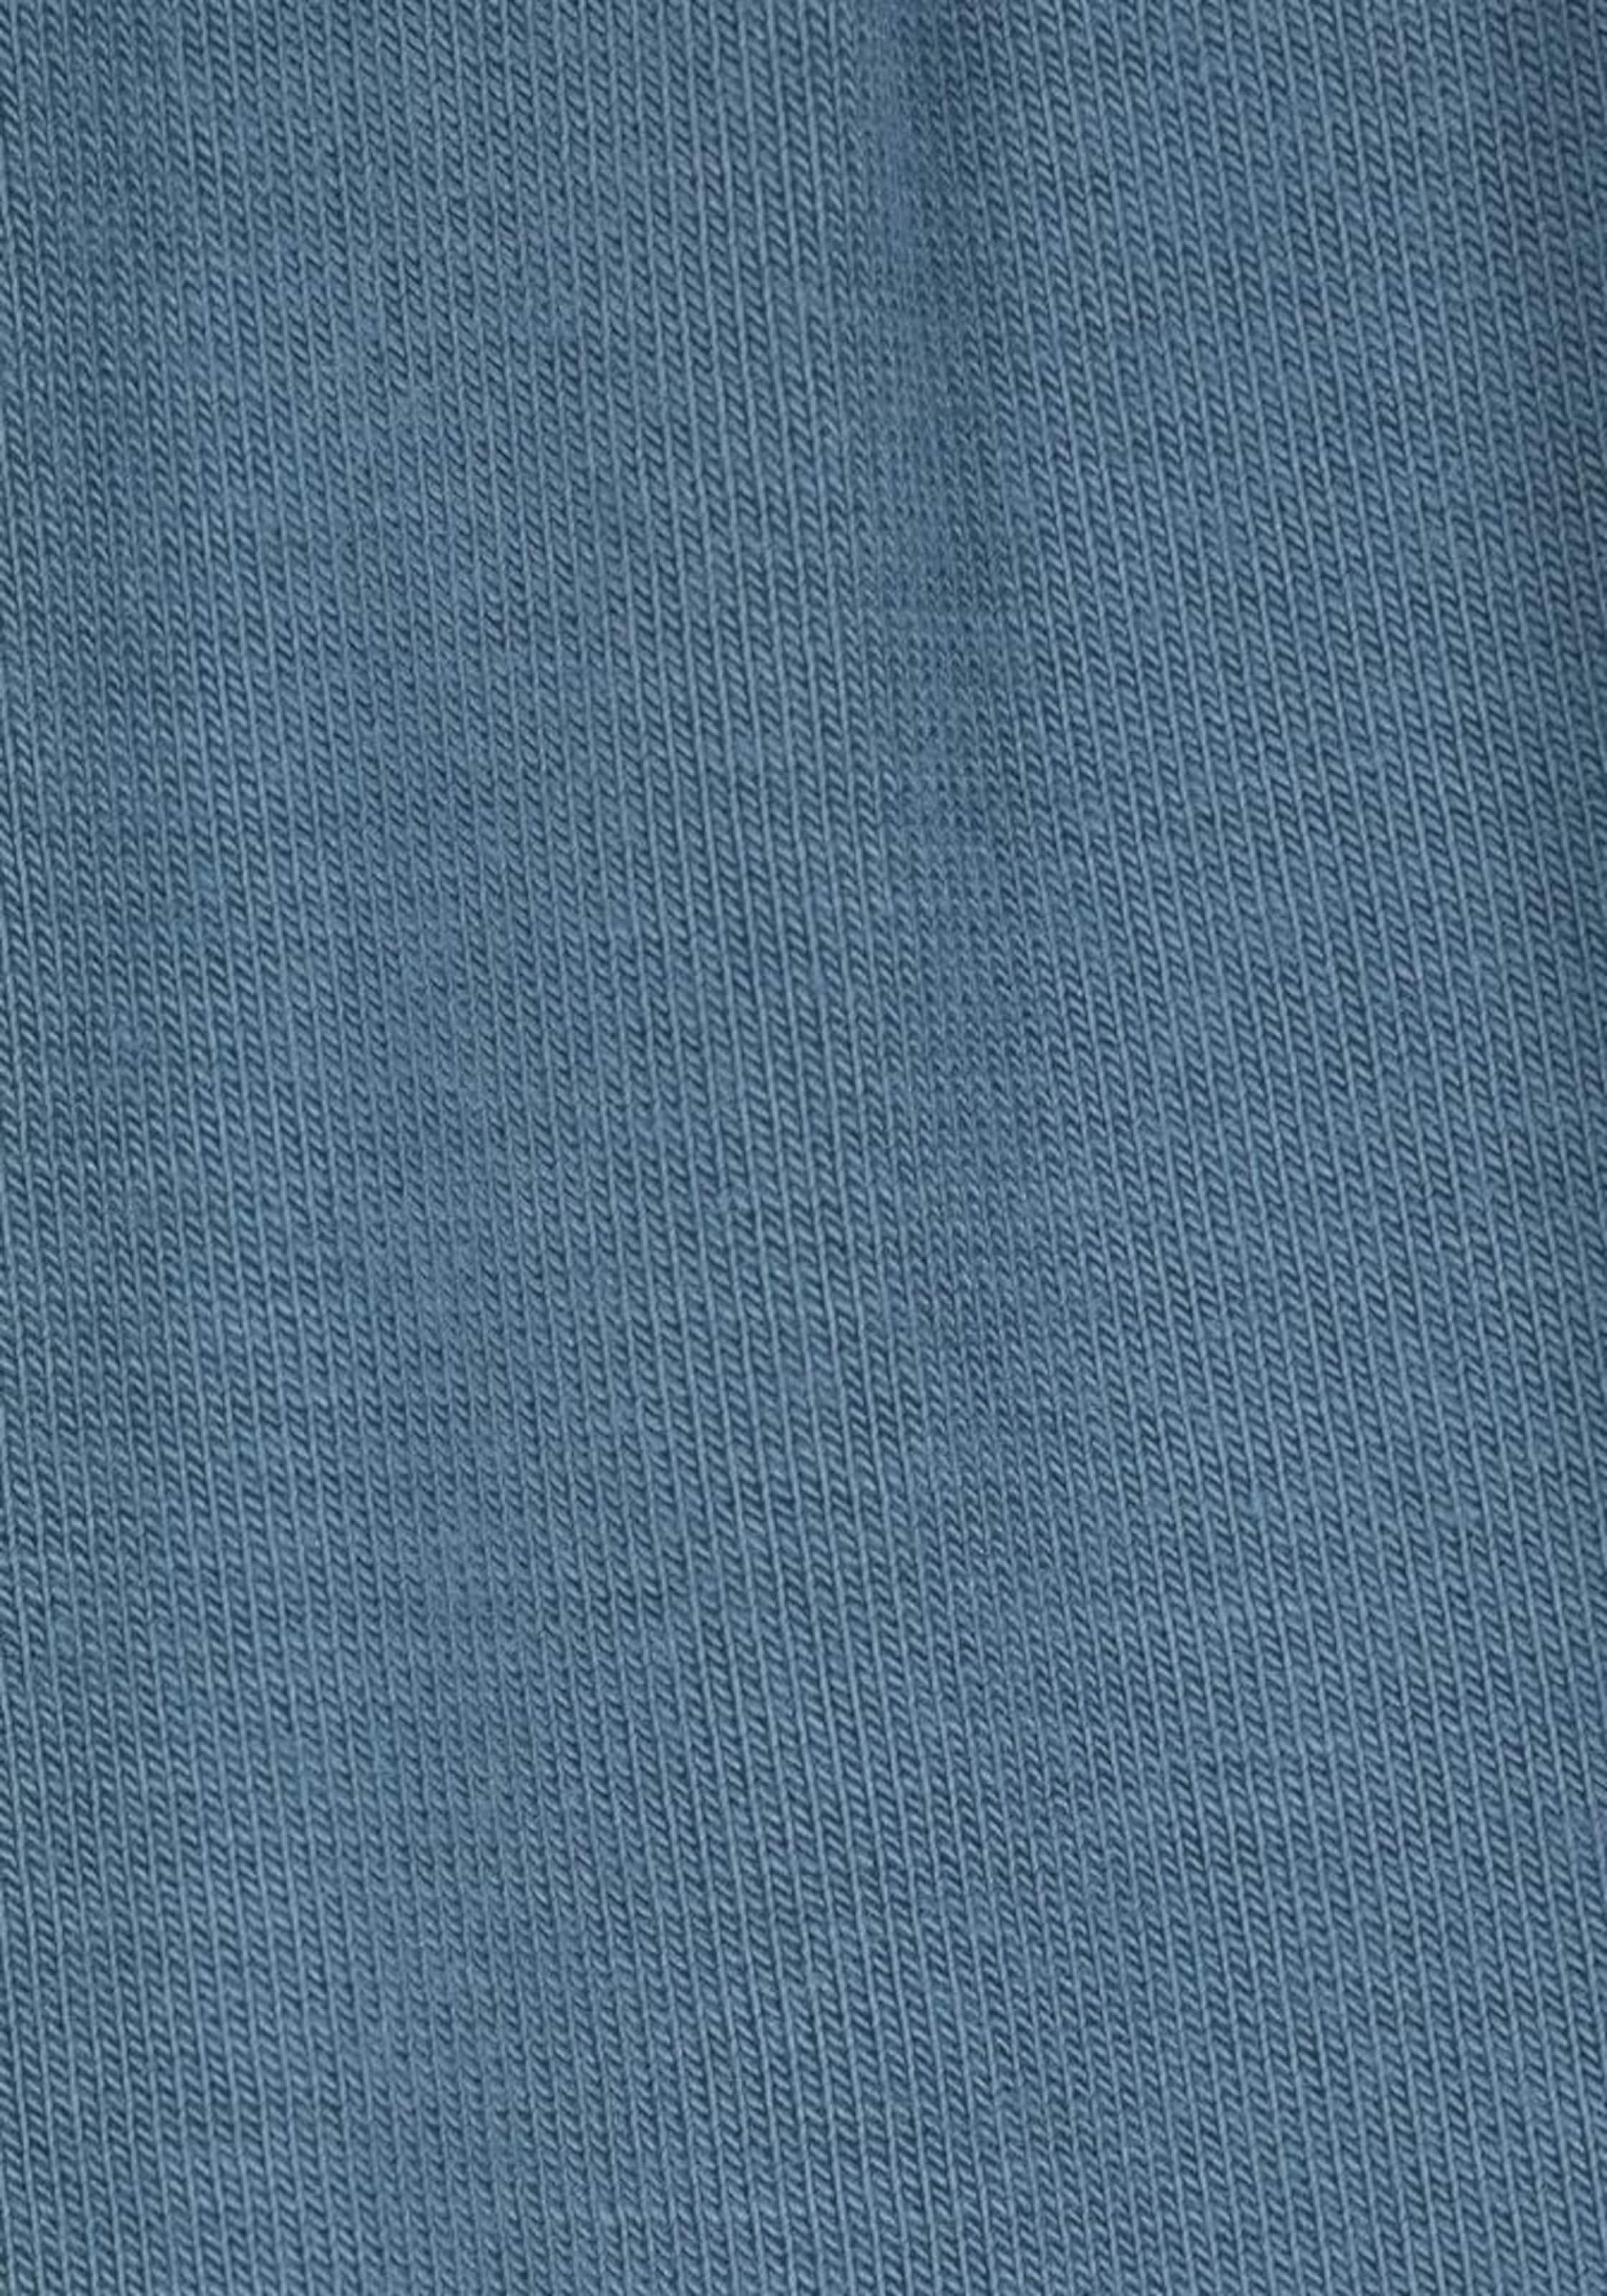 s.Oliver RED LABEL Bodywear Negligé mit Spitzenborte Günstig Kaufen Brandneue Unisex Günstig Kaufen Großen Verkauf Auslass 100% Original Freies Verschiffen-Spielraum Store n6KzscD